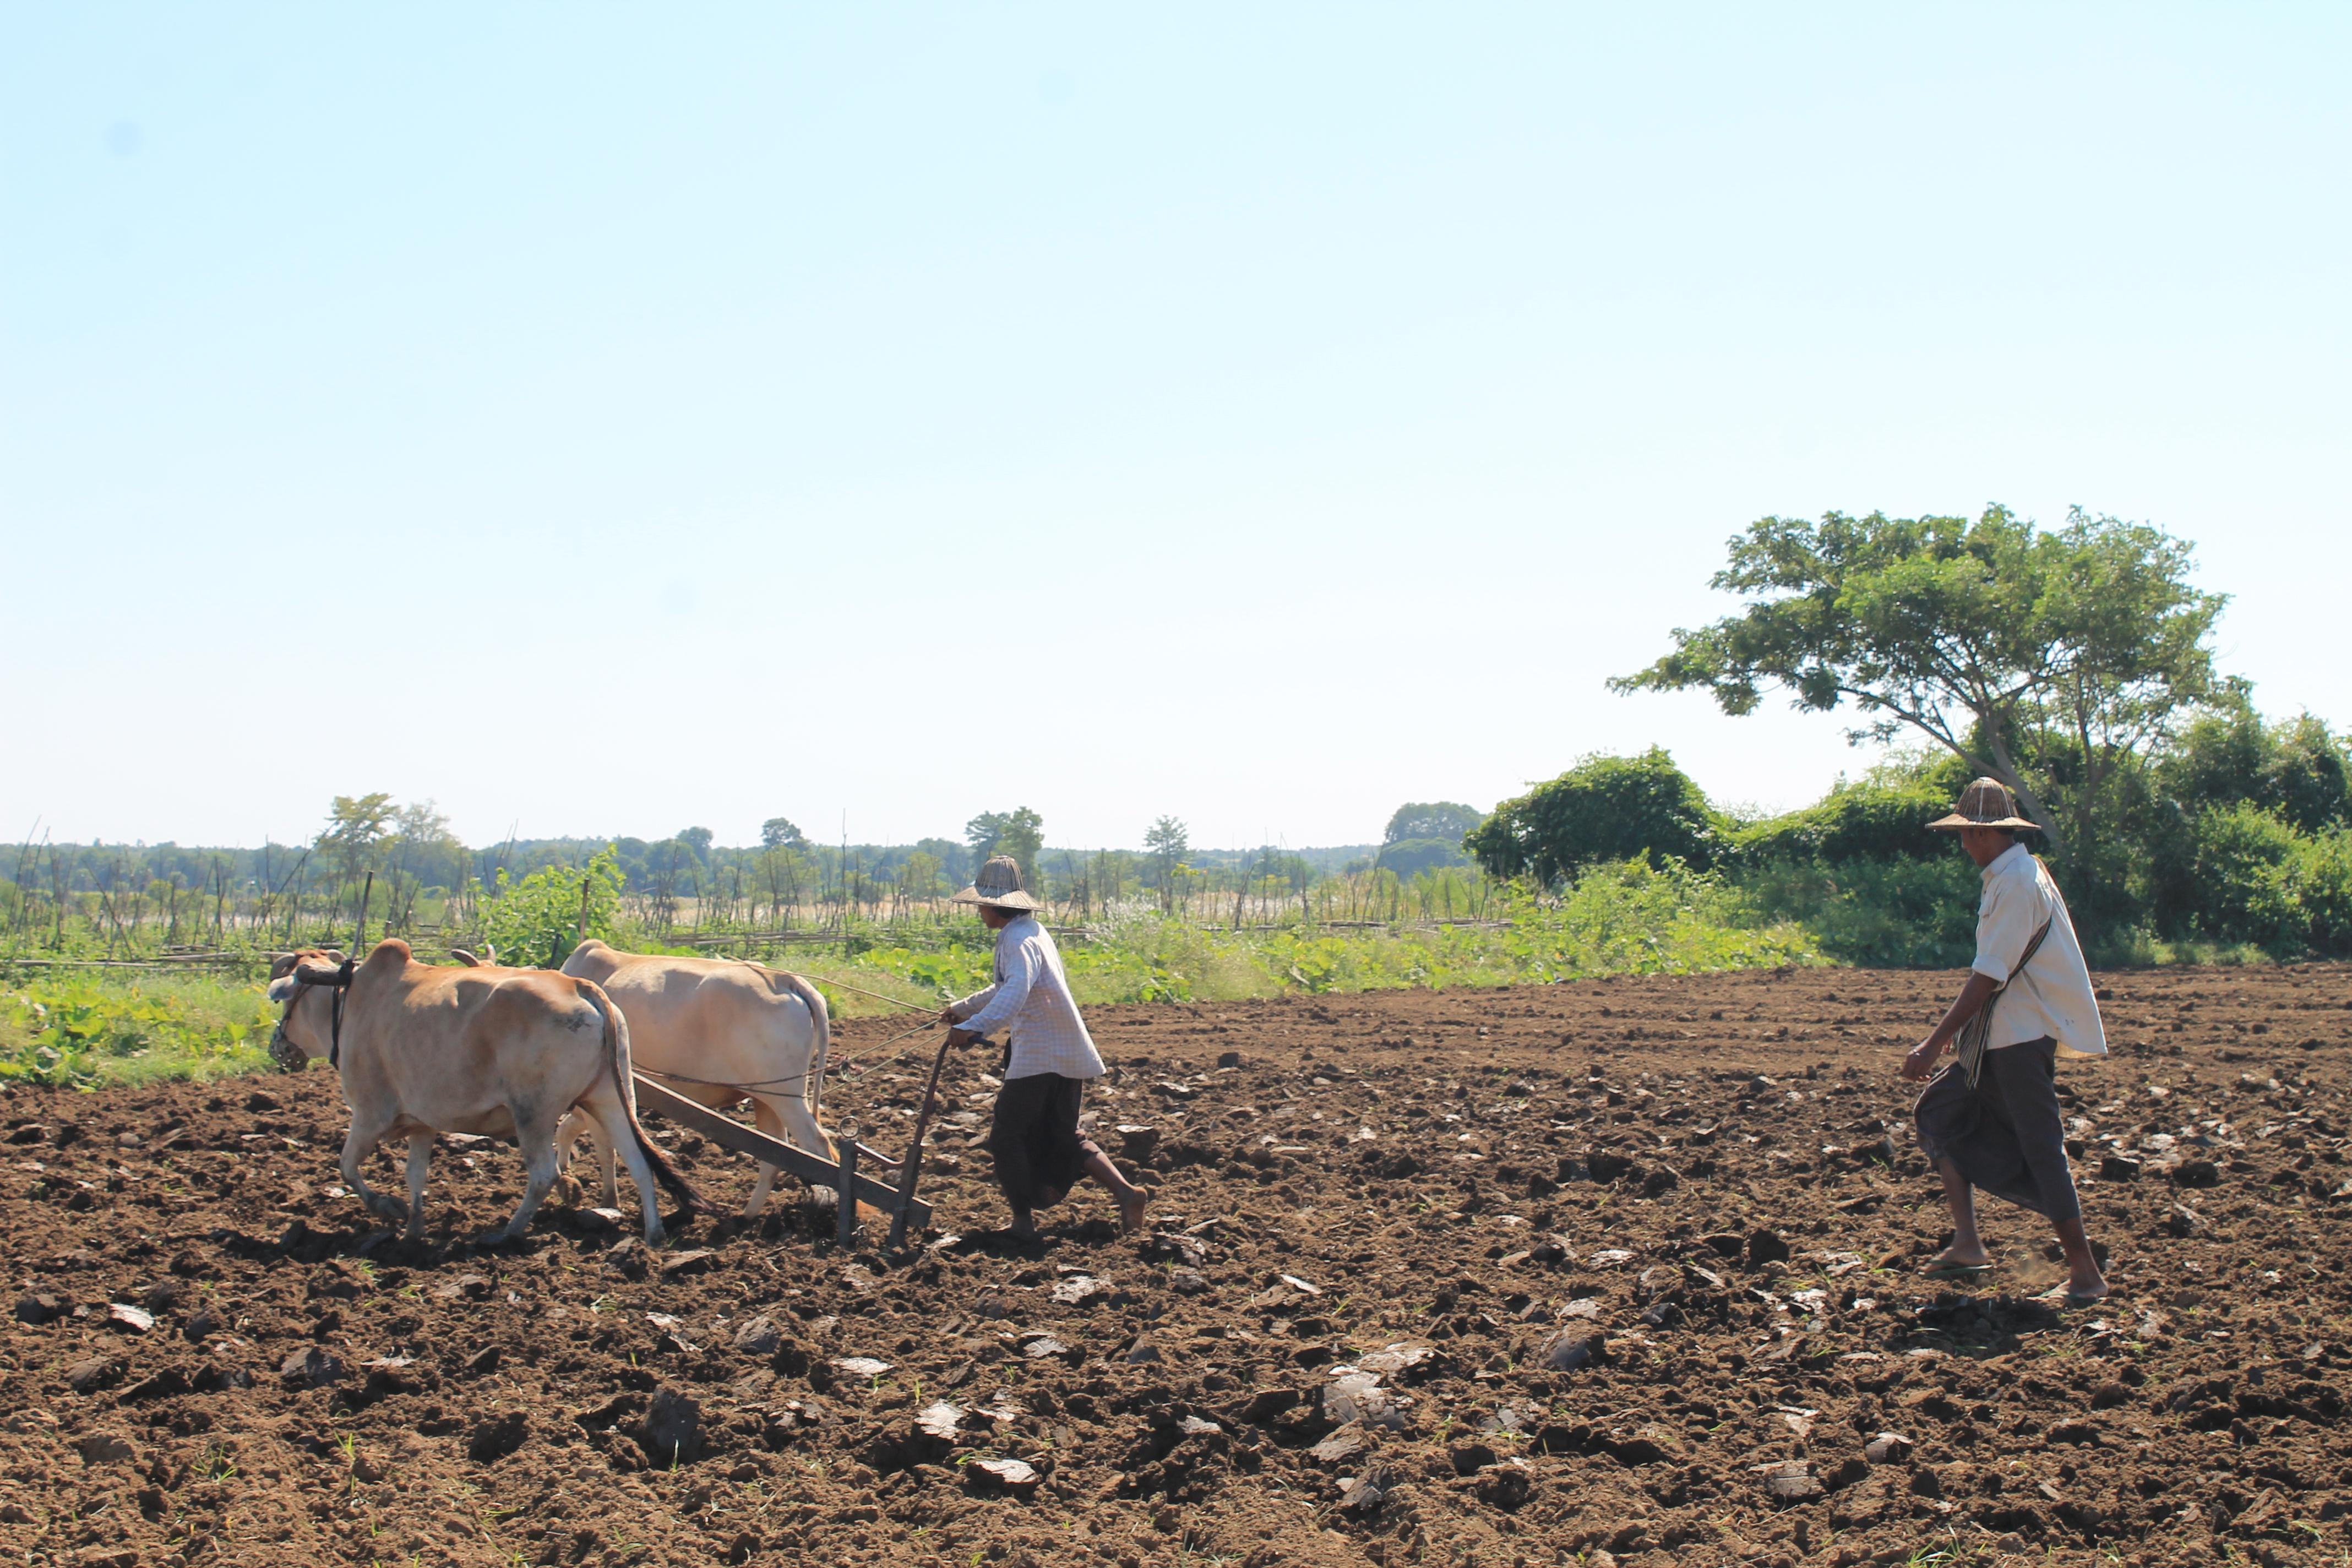 စိုက်ပျိုးရေးလုပ်ငန်းများတွင် နည်းပညာနှင့် စီးပွားရေးလုပ်ငန်းများ ပူးပေါင်းဆောင်ရွက်ရန် ထိုင်းနိုင်ငံရင်းနှီးမြှုပ်နှံမှုဘုတ်အဖွဲ့နှင့် မန္တလေးရှိ လုပ်ငန်းရှင်များဆွေးနွေး